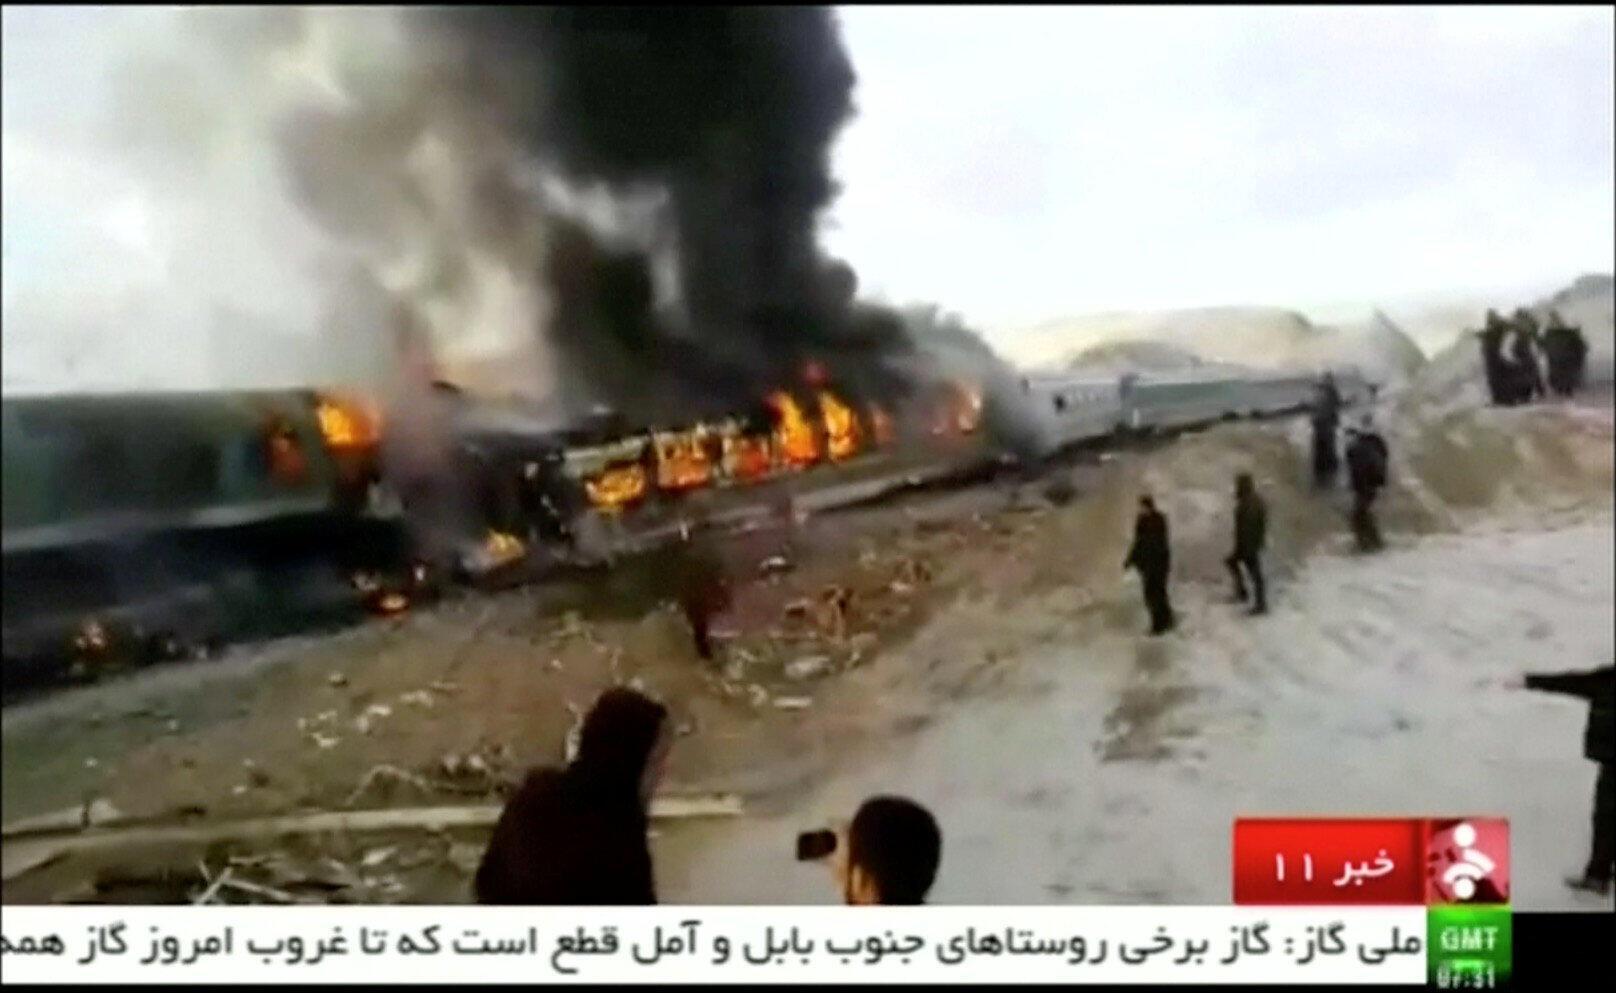 Imagem do choque entre dois trens no Irã